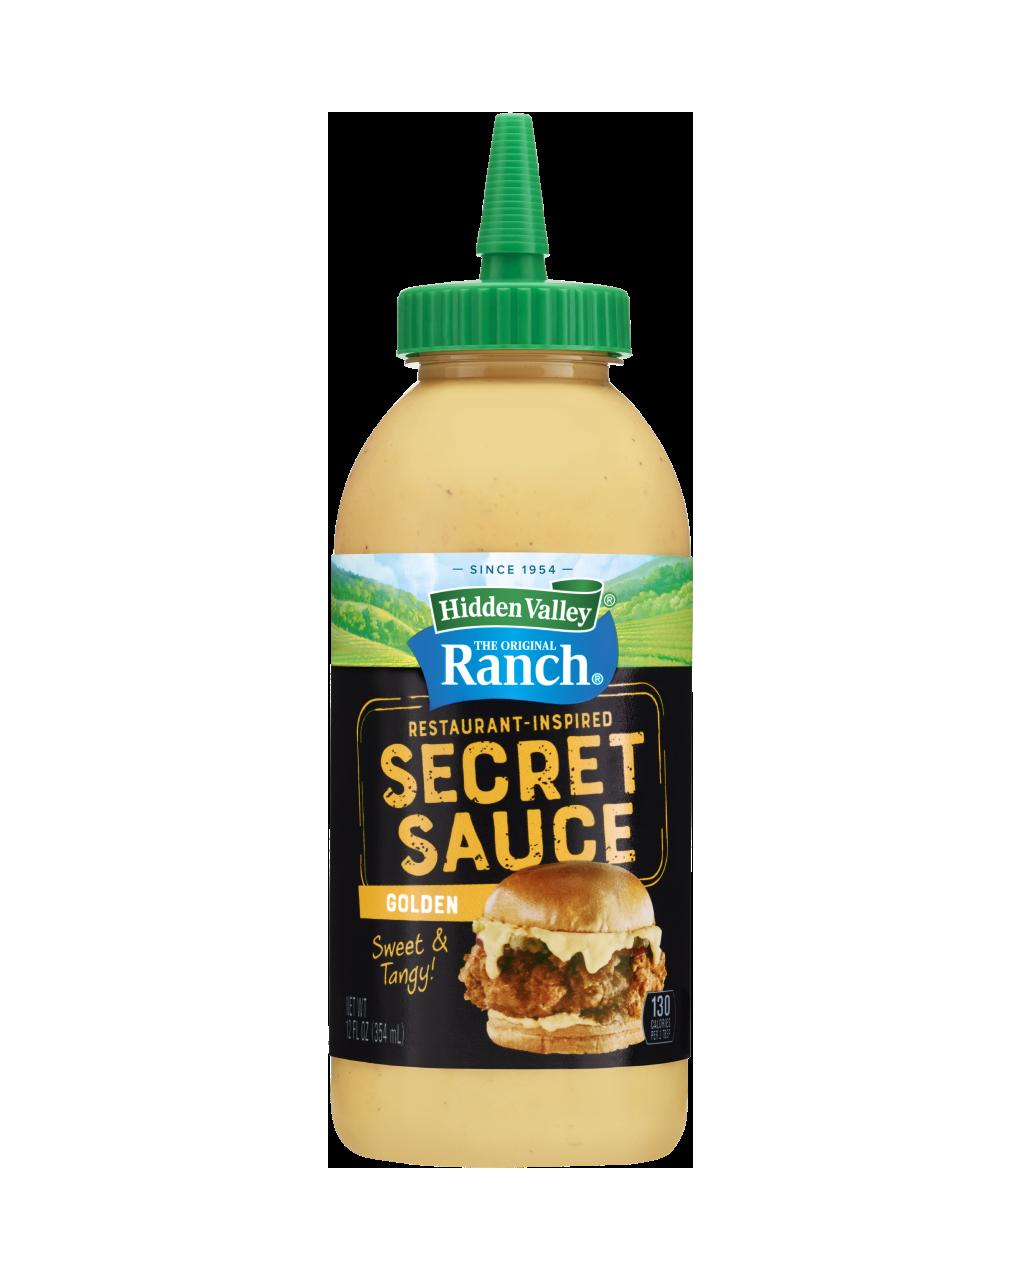 Hidden Valley® Golden Secret Sauce